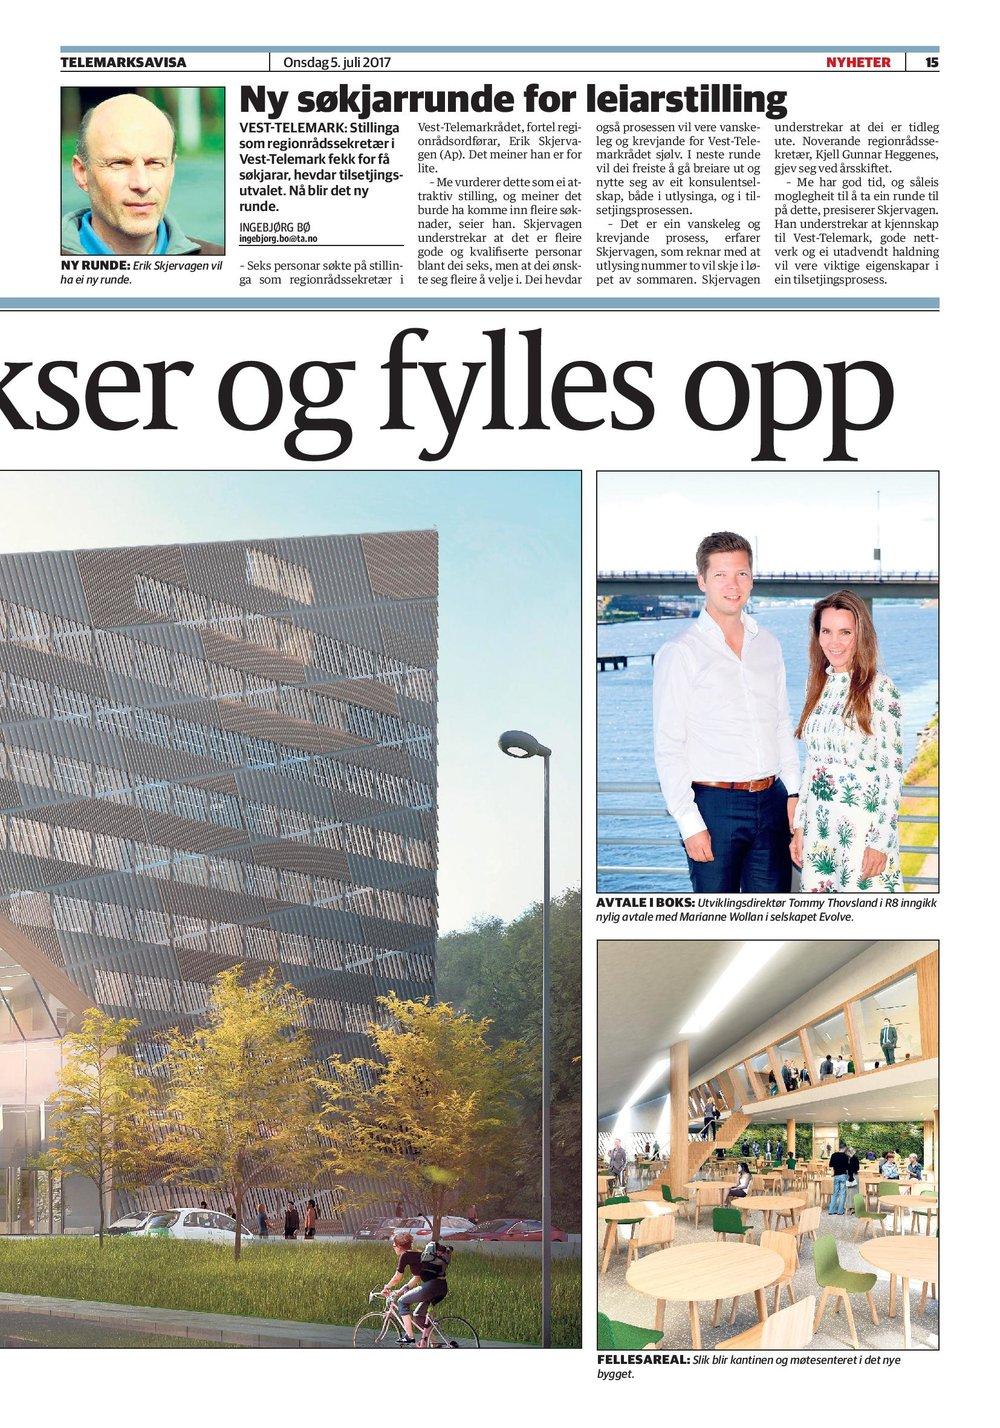 QaVEvl-2017-07-05_Telemarksavisa_-_05-07-2017_print-page-001.jpg